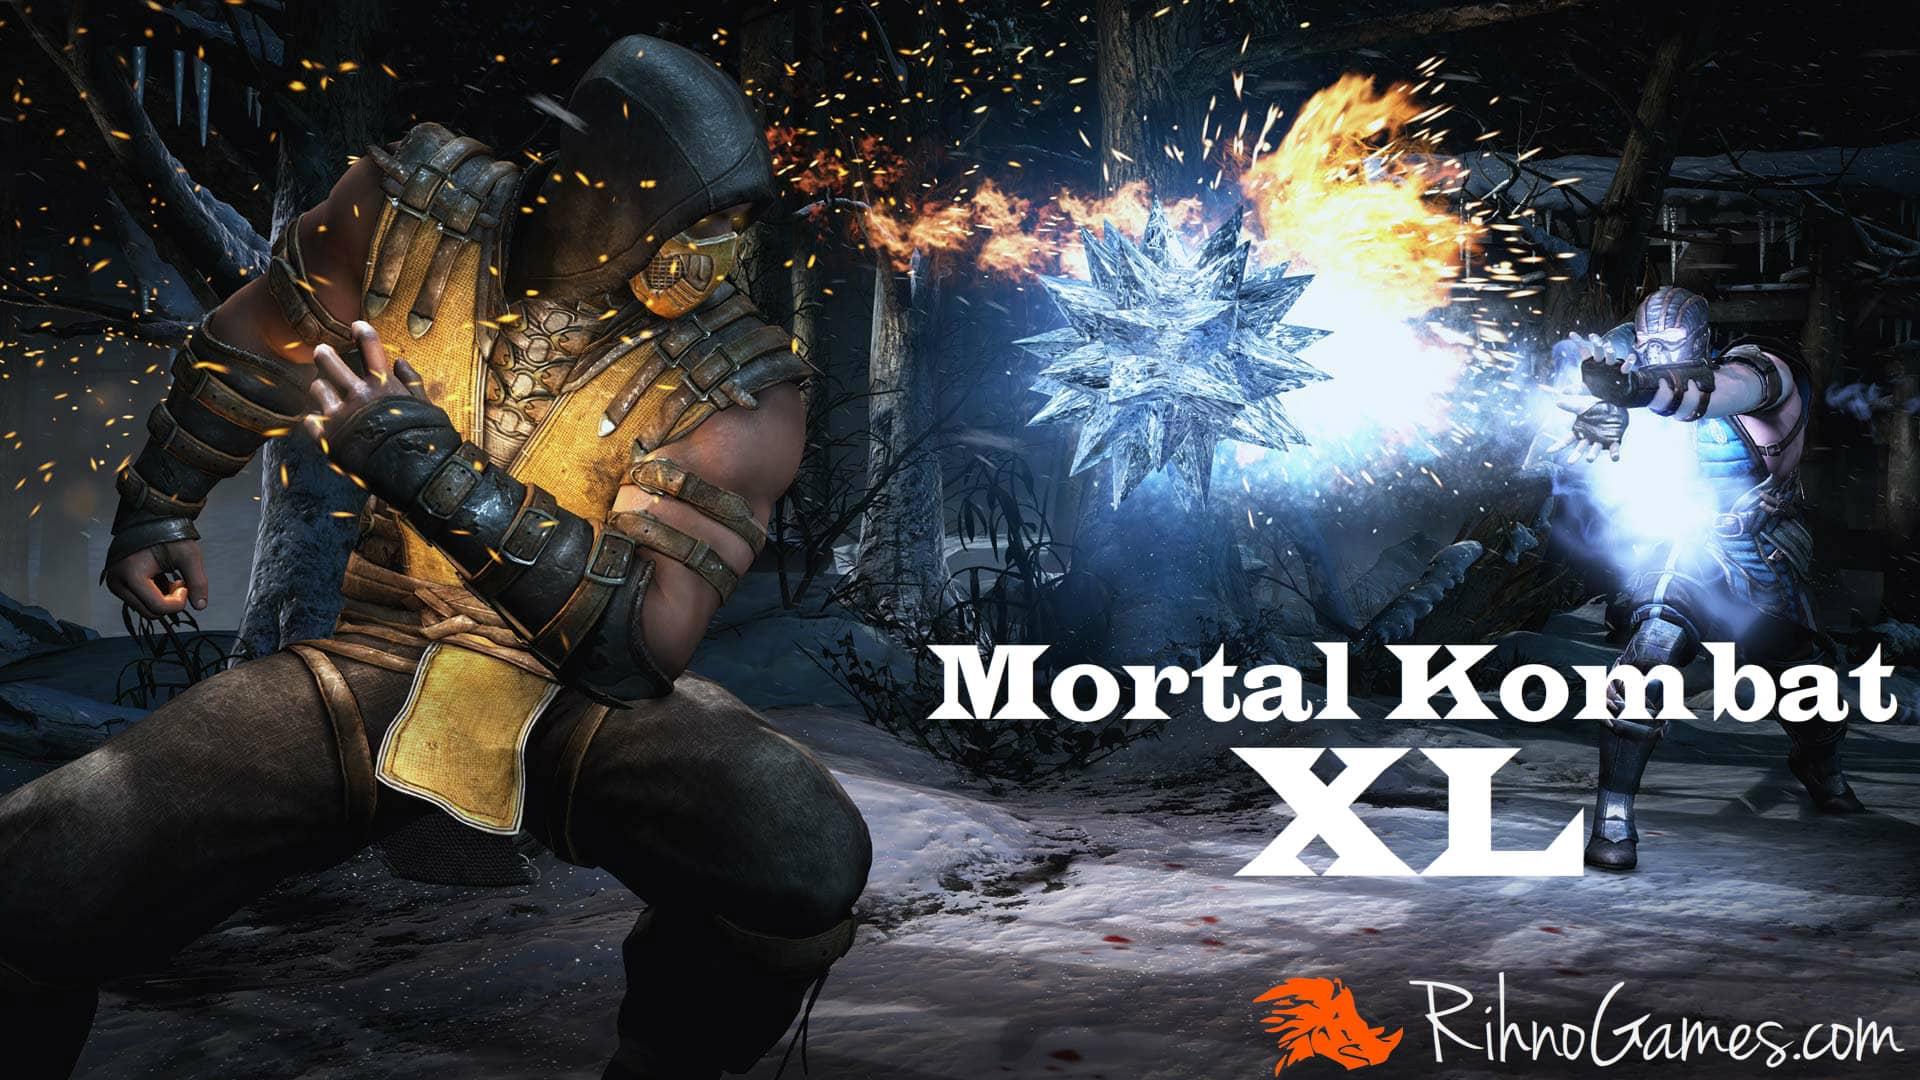 Mortal Kombat XL PC Download Free Full Game - Rihno Games